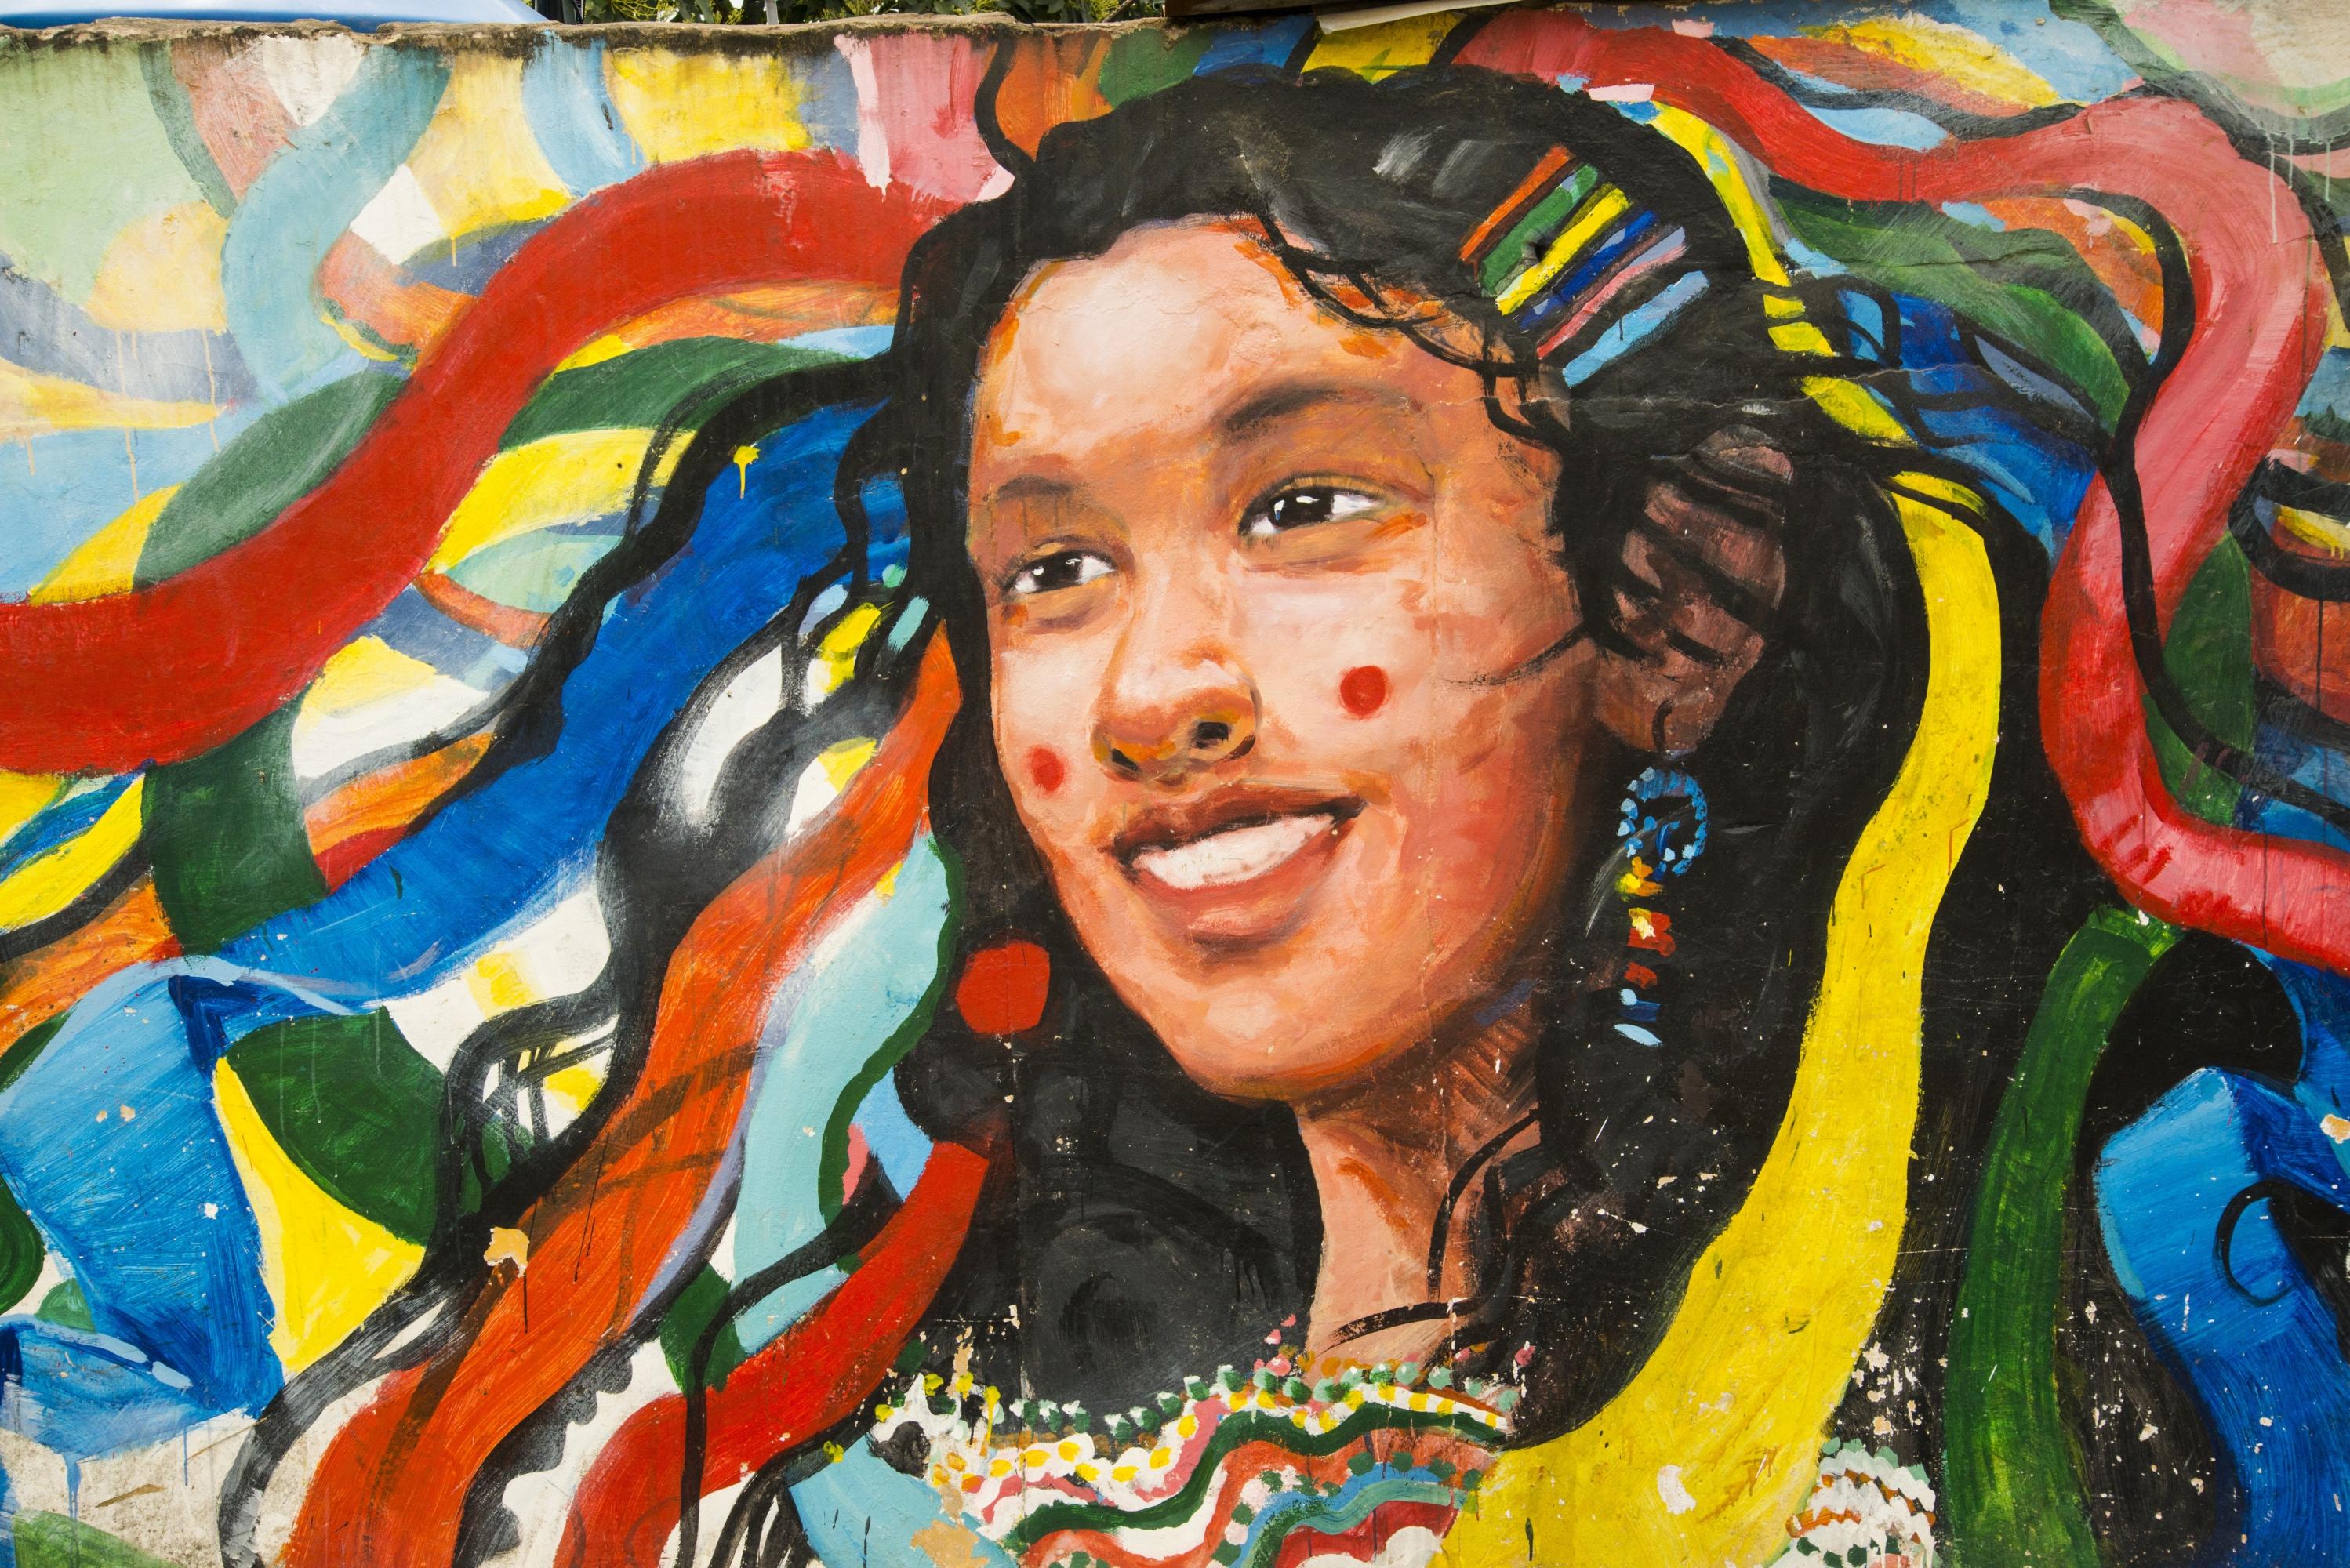 En las calles de Lamas, encontrarás diversos murales referentes a su cultura. (Foto: PromPerú)